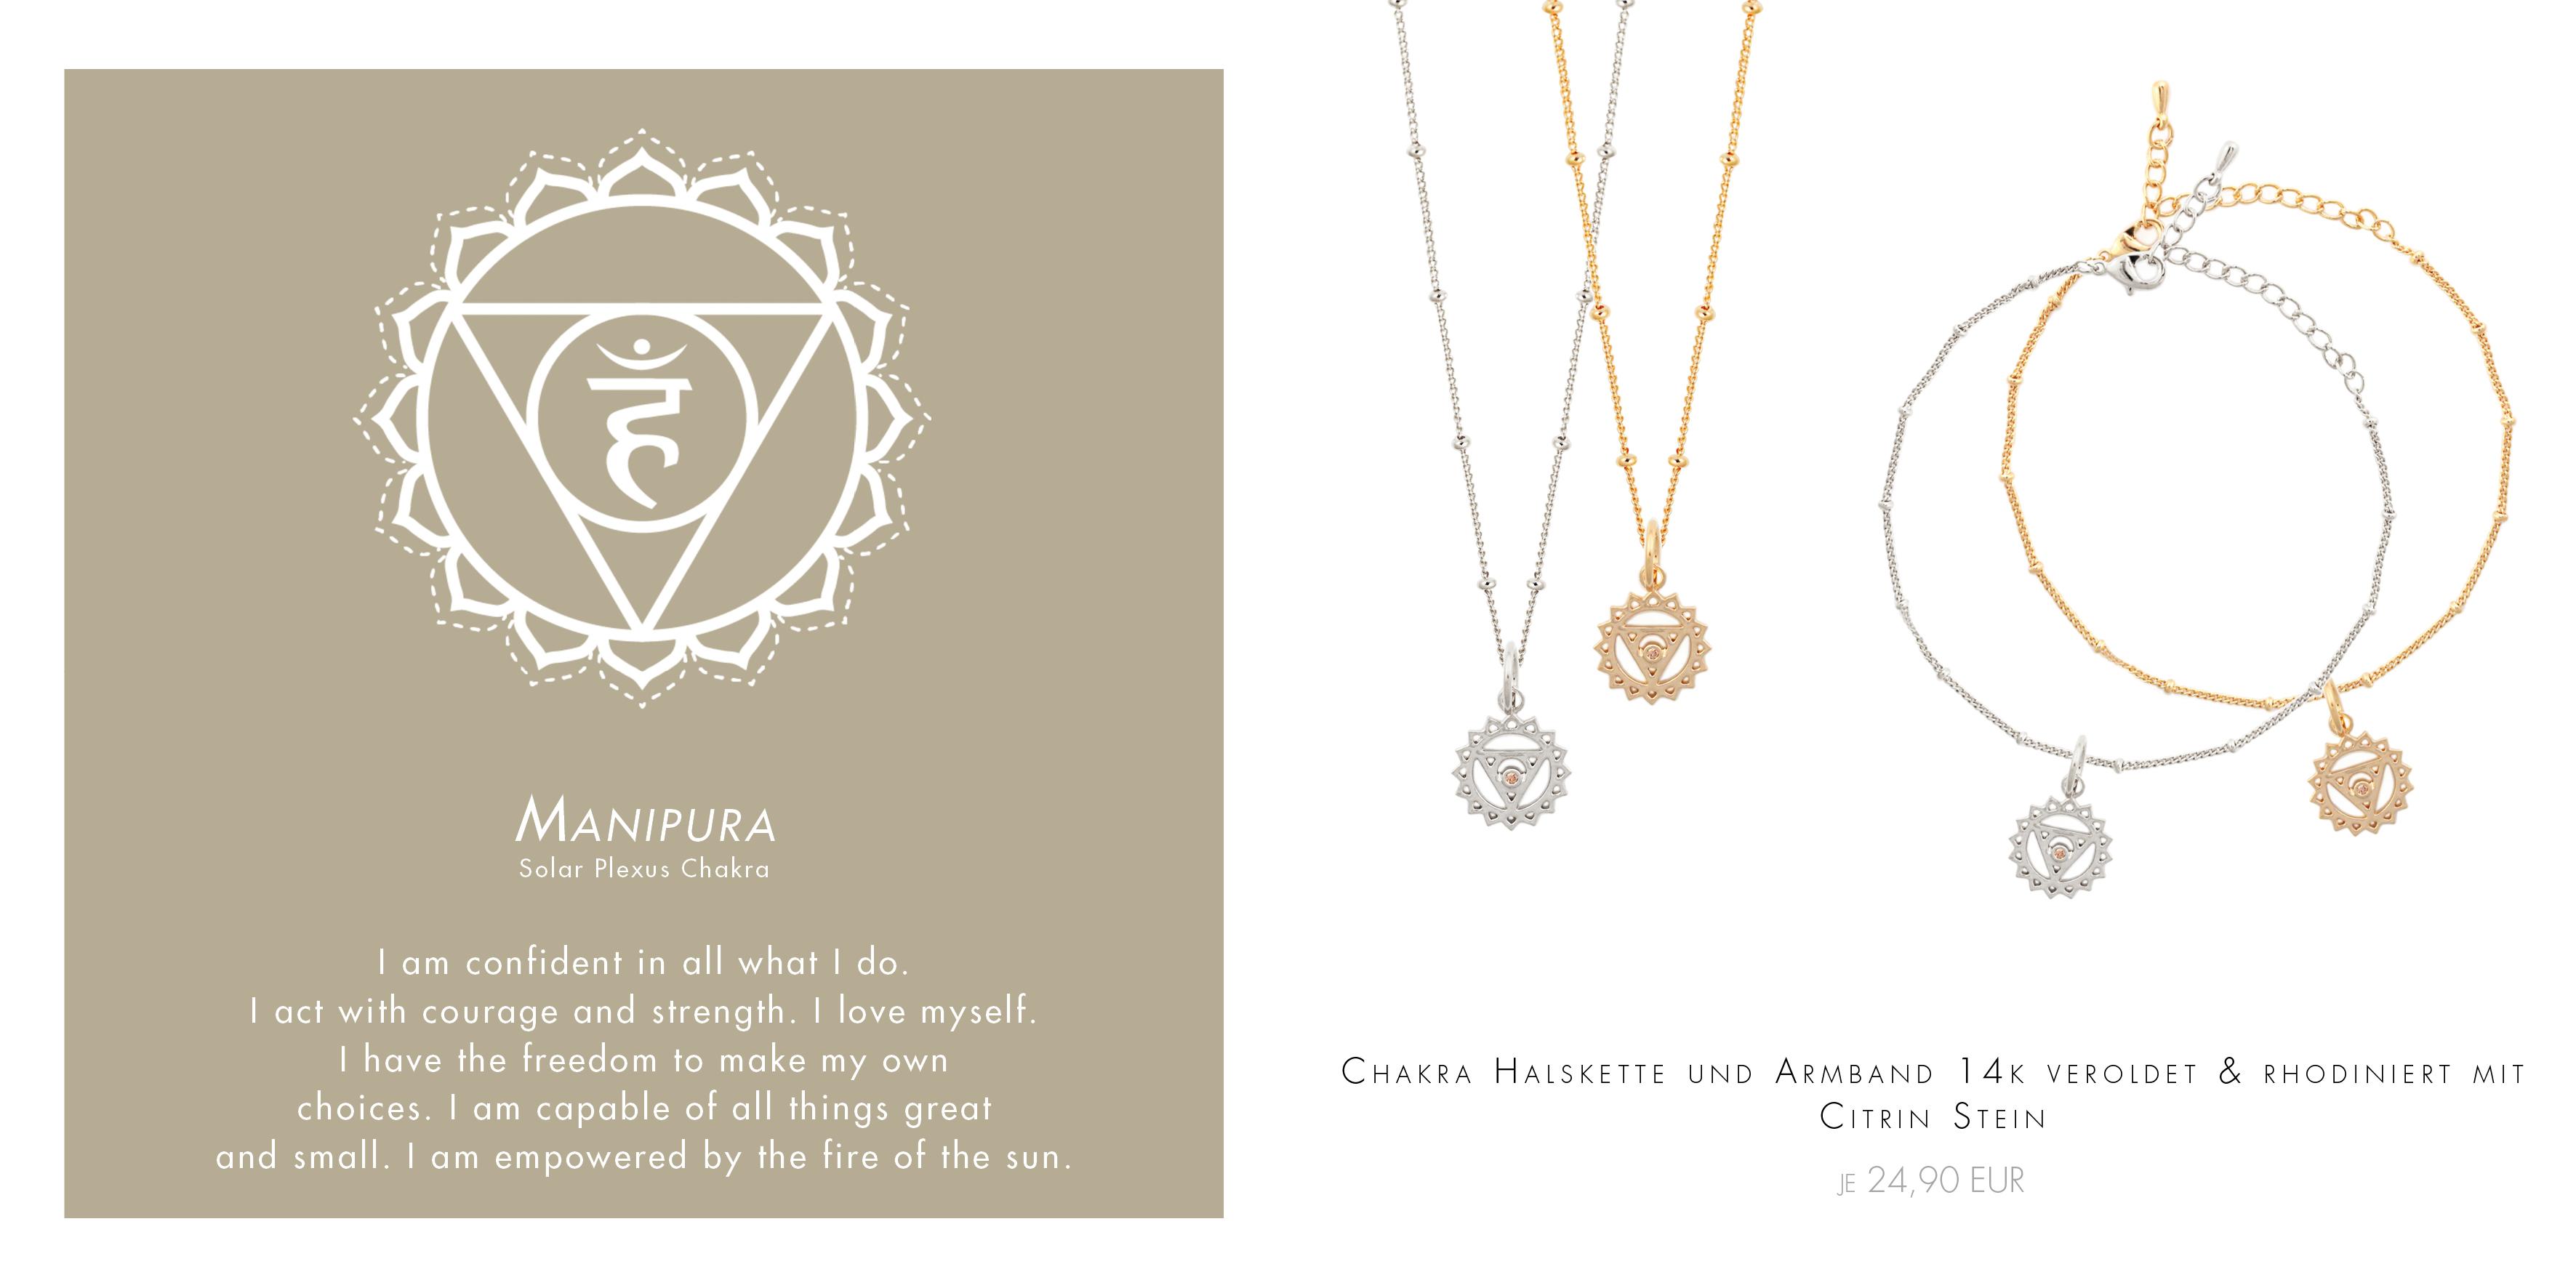 filigrane Buddha Halsketten in Gold und Silber Madeleine Issing